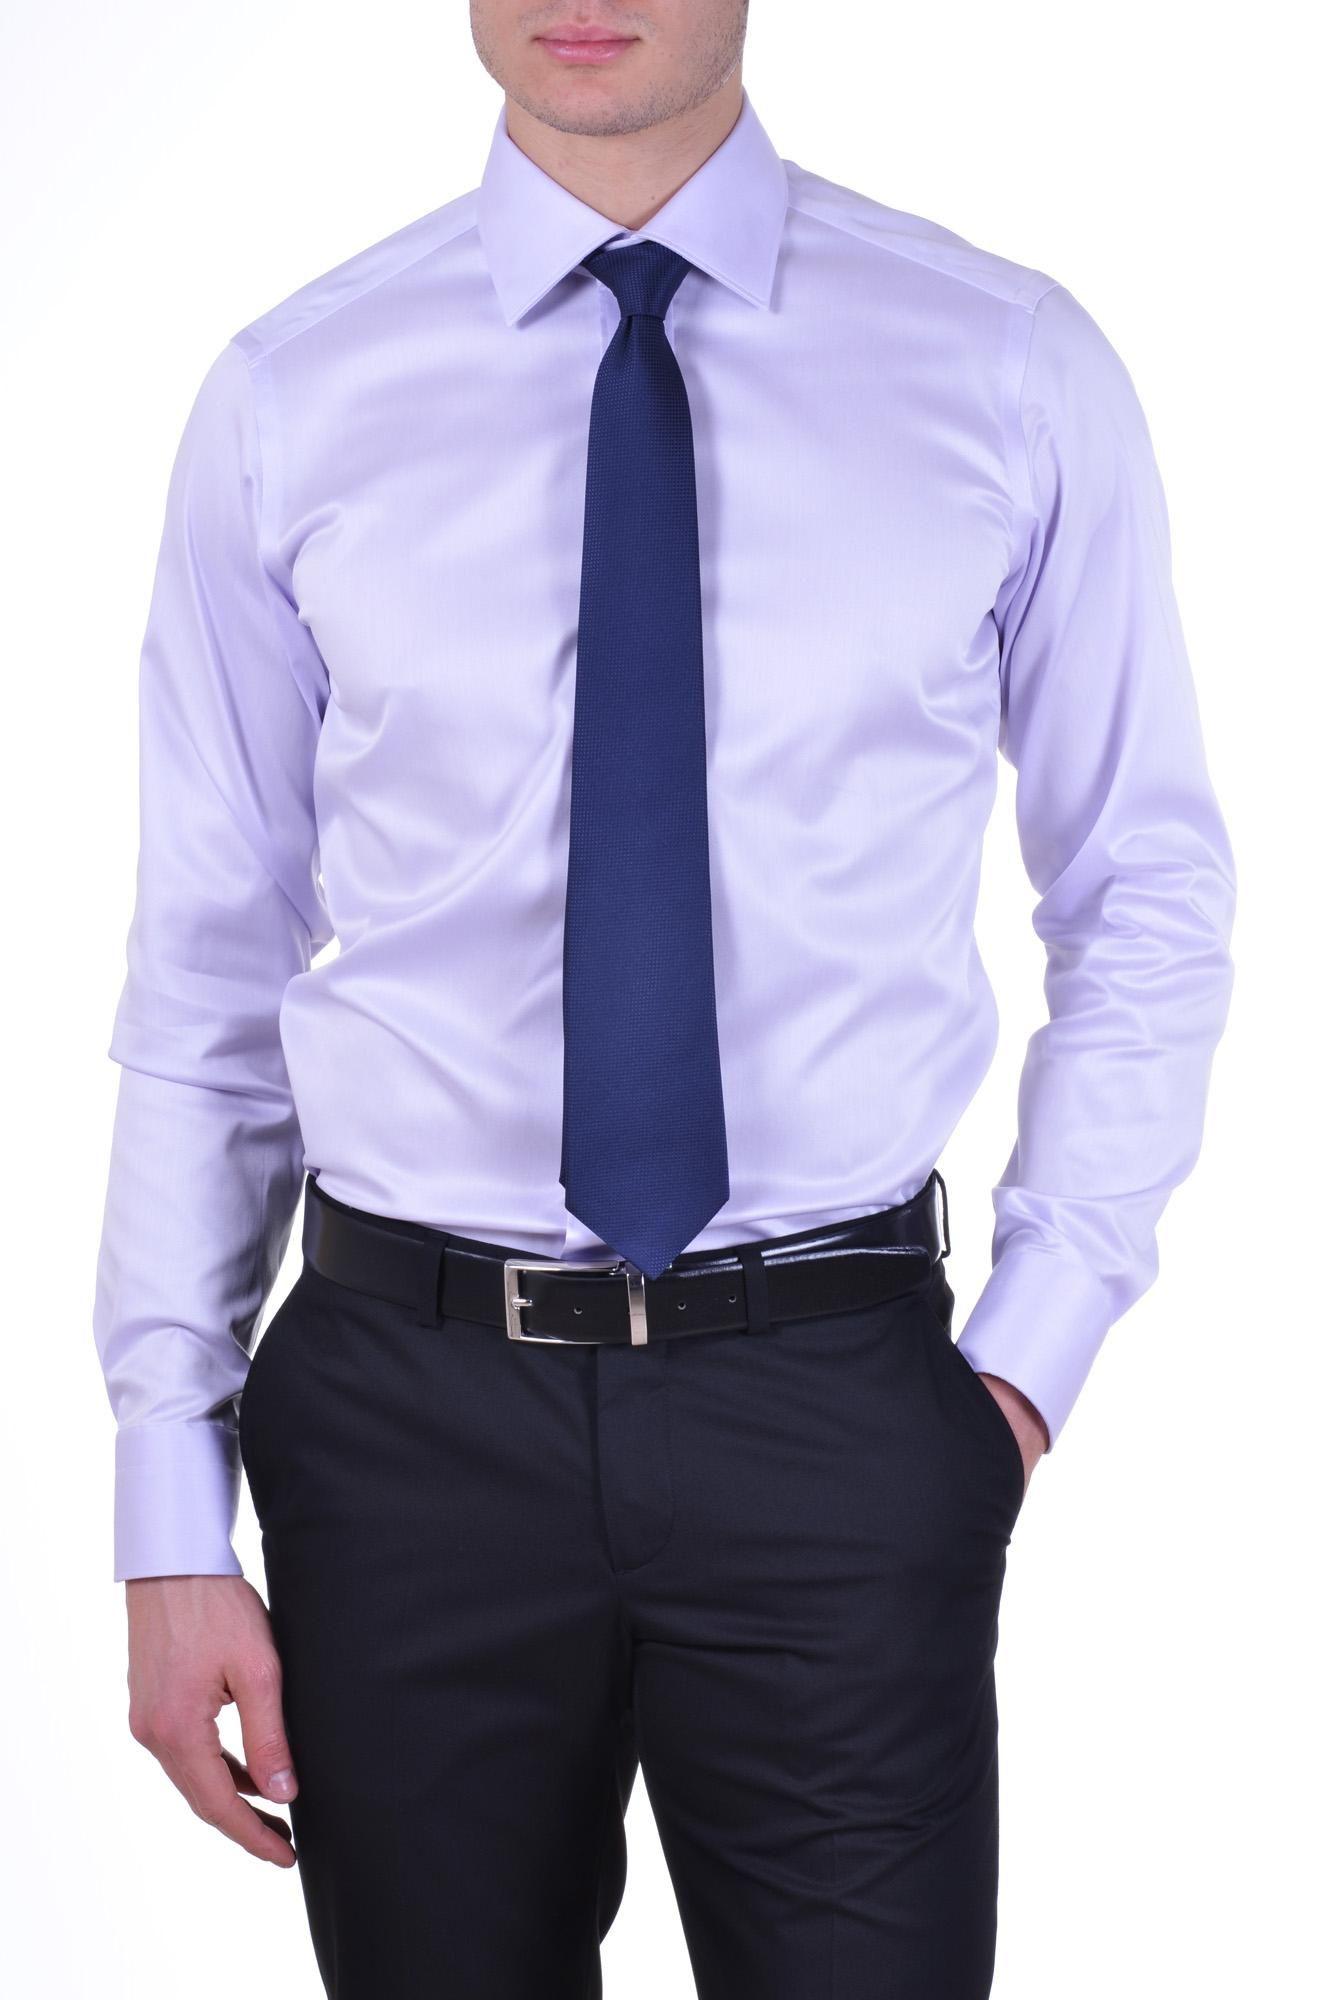 483e444e63e5 camisa lila cirbata azul - Buscar con Google Camisa Azul Con Corbata, Camisas  Hombre Vestir